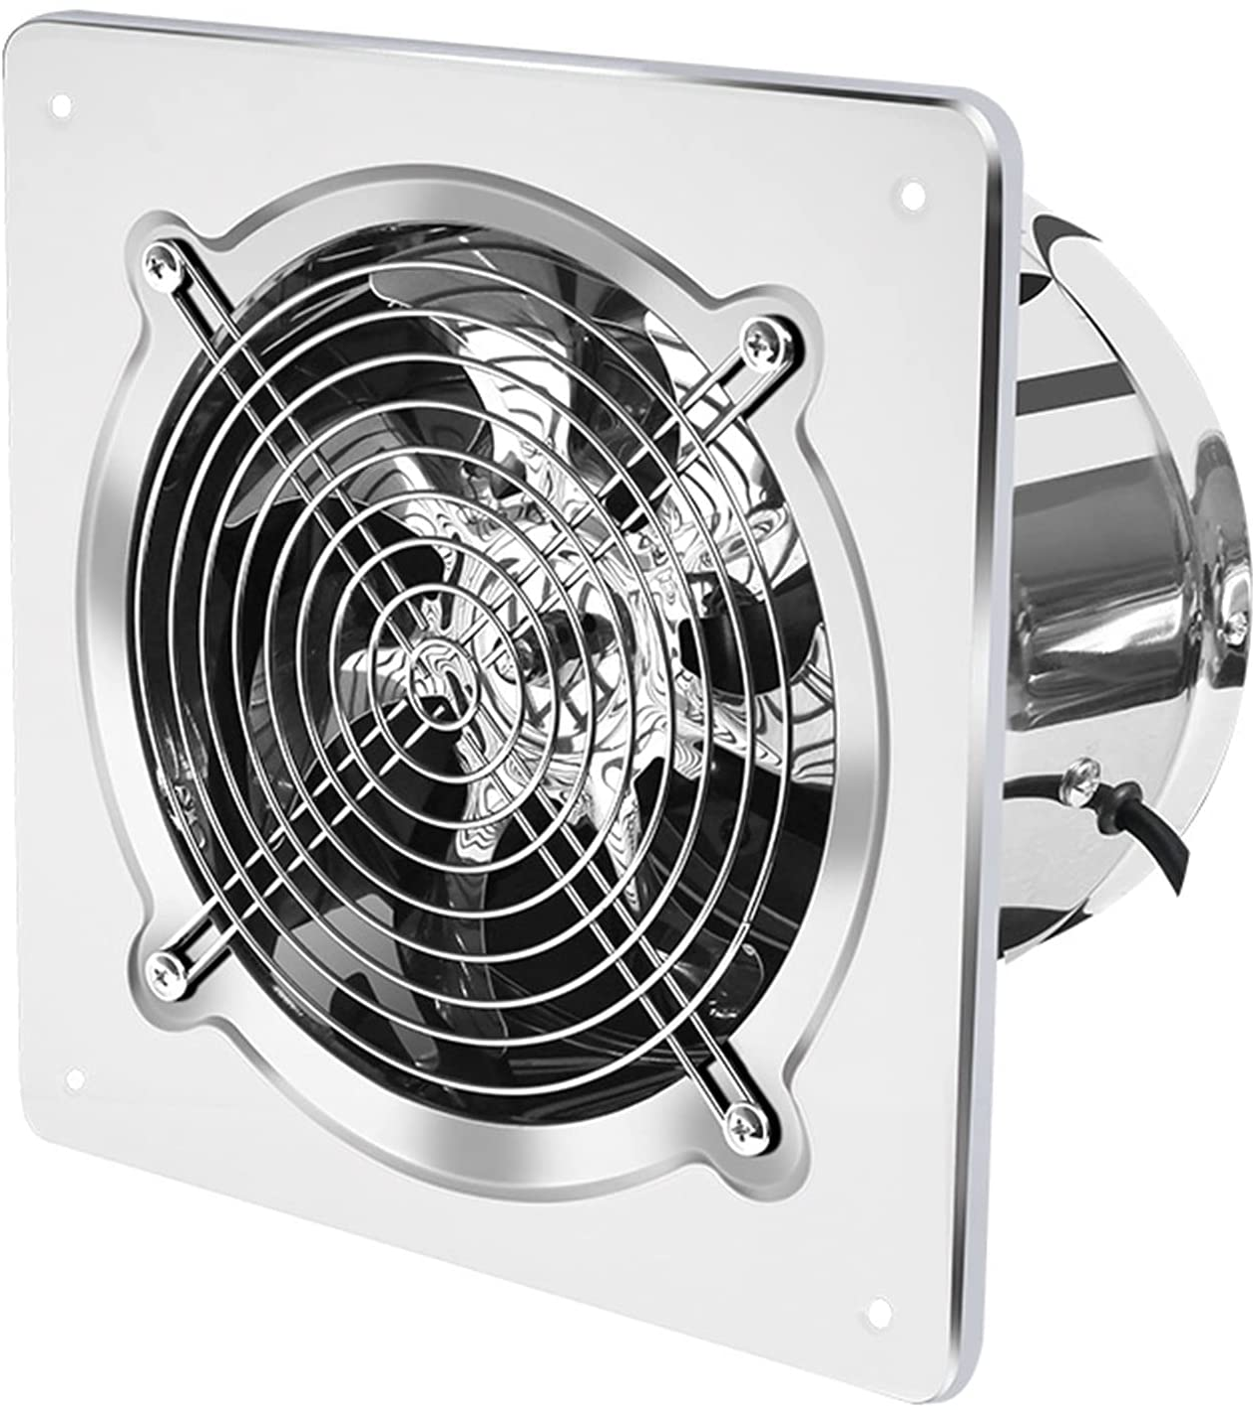 Ventilador Extractor 6''7''8 '' Booster extractor de humos Extintor Tubo de la ventilación del ventilador for el baño WC Cocina pared de la ventana de acero inoxidable ventilador de ventilación Extrac